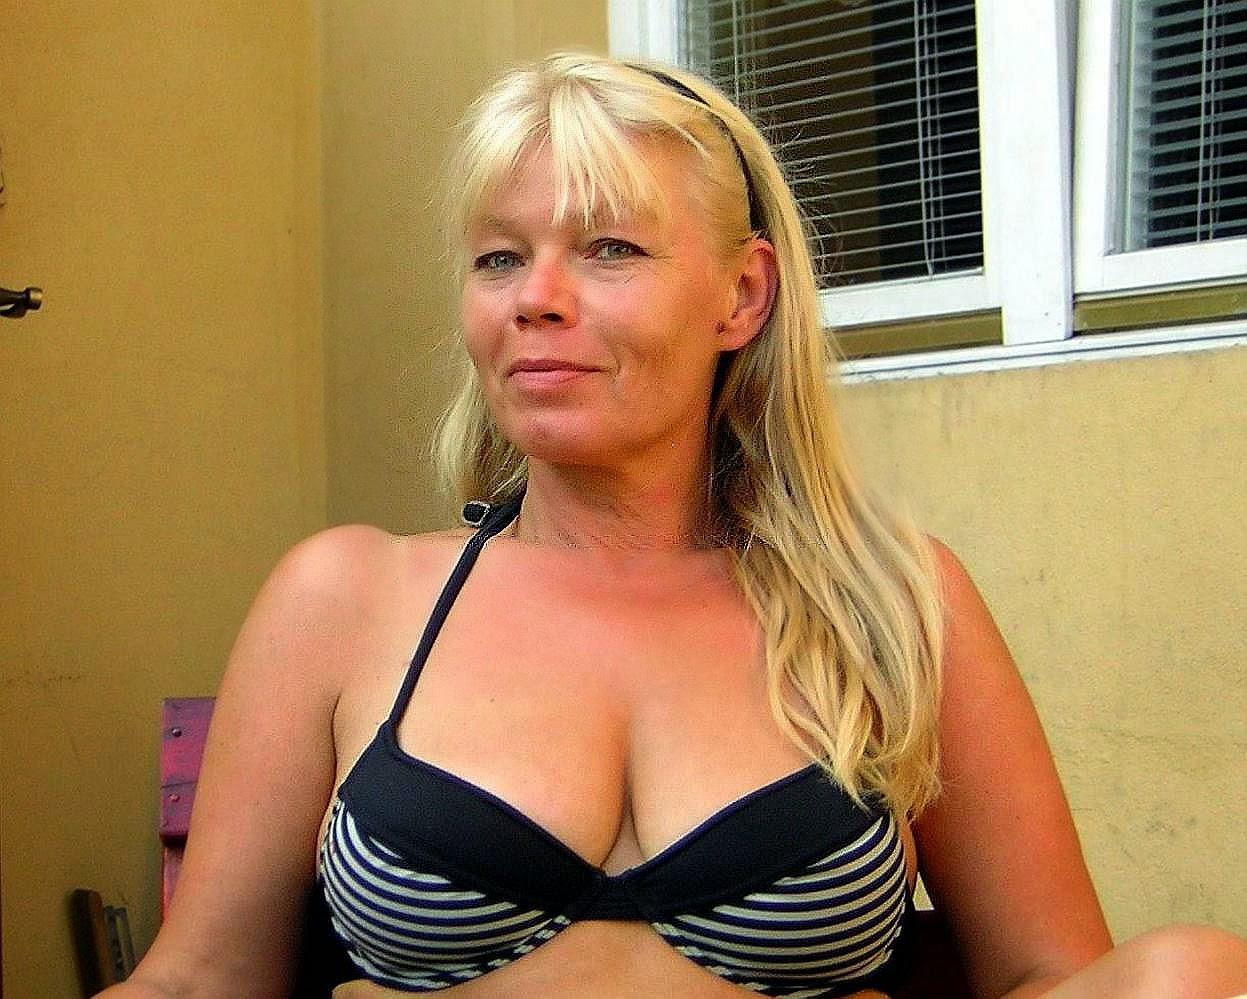 Celia In Blond Guy Toronto Seeking Woman